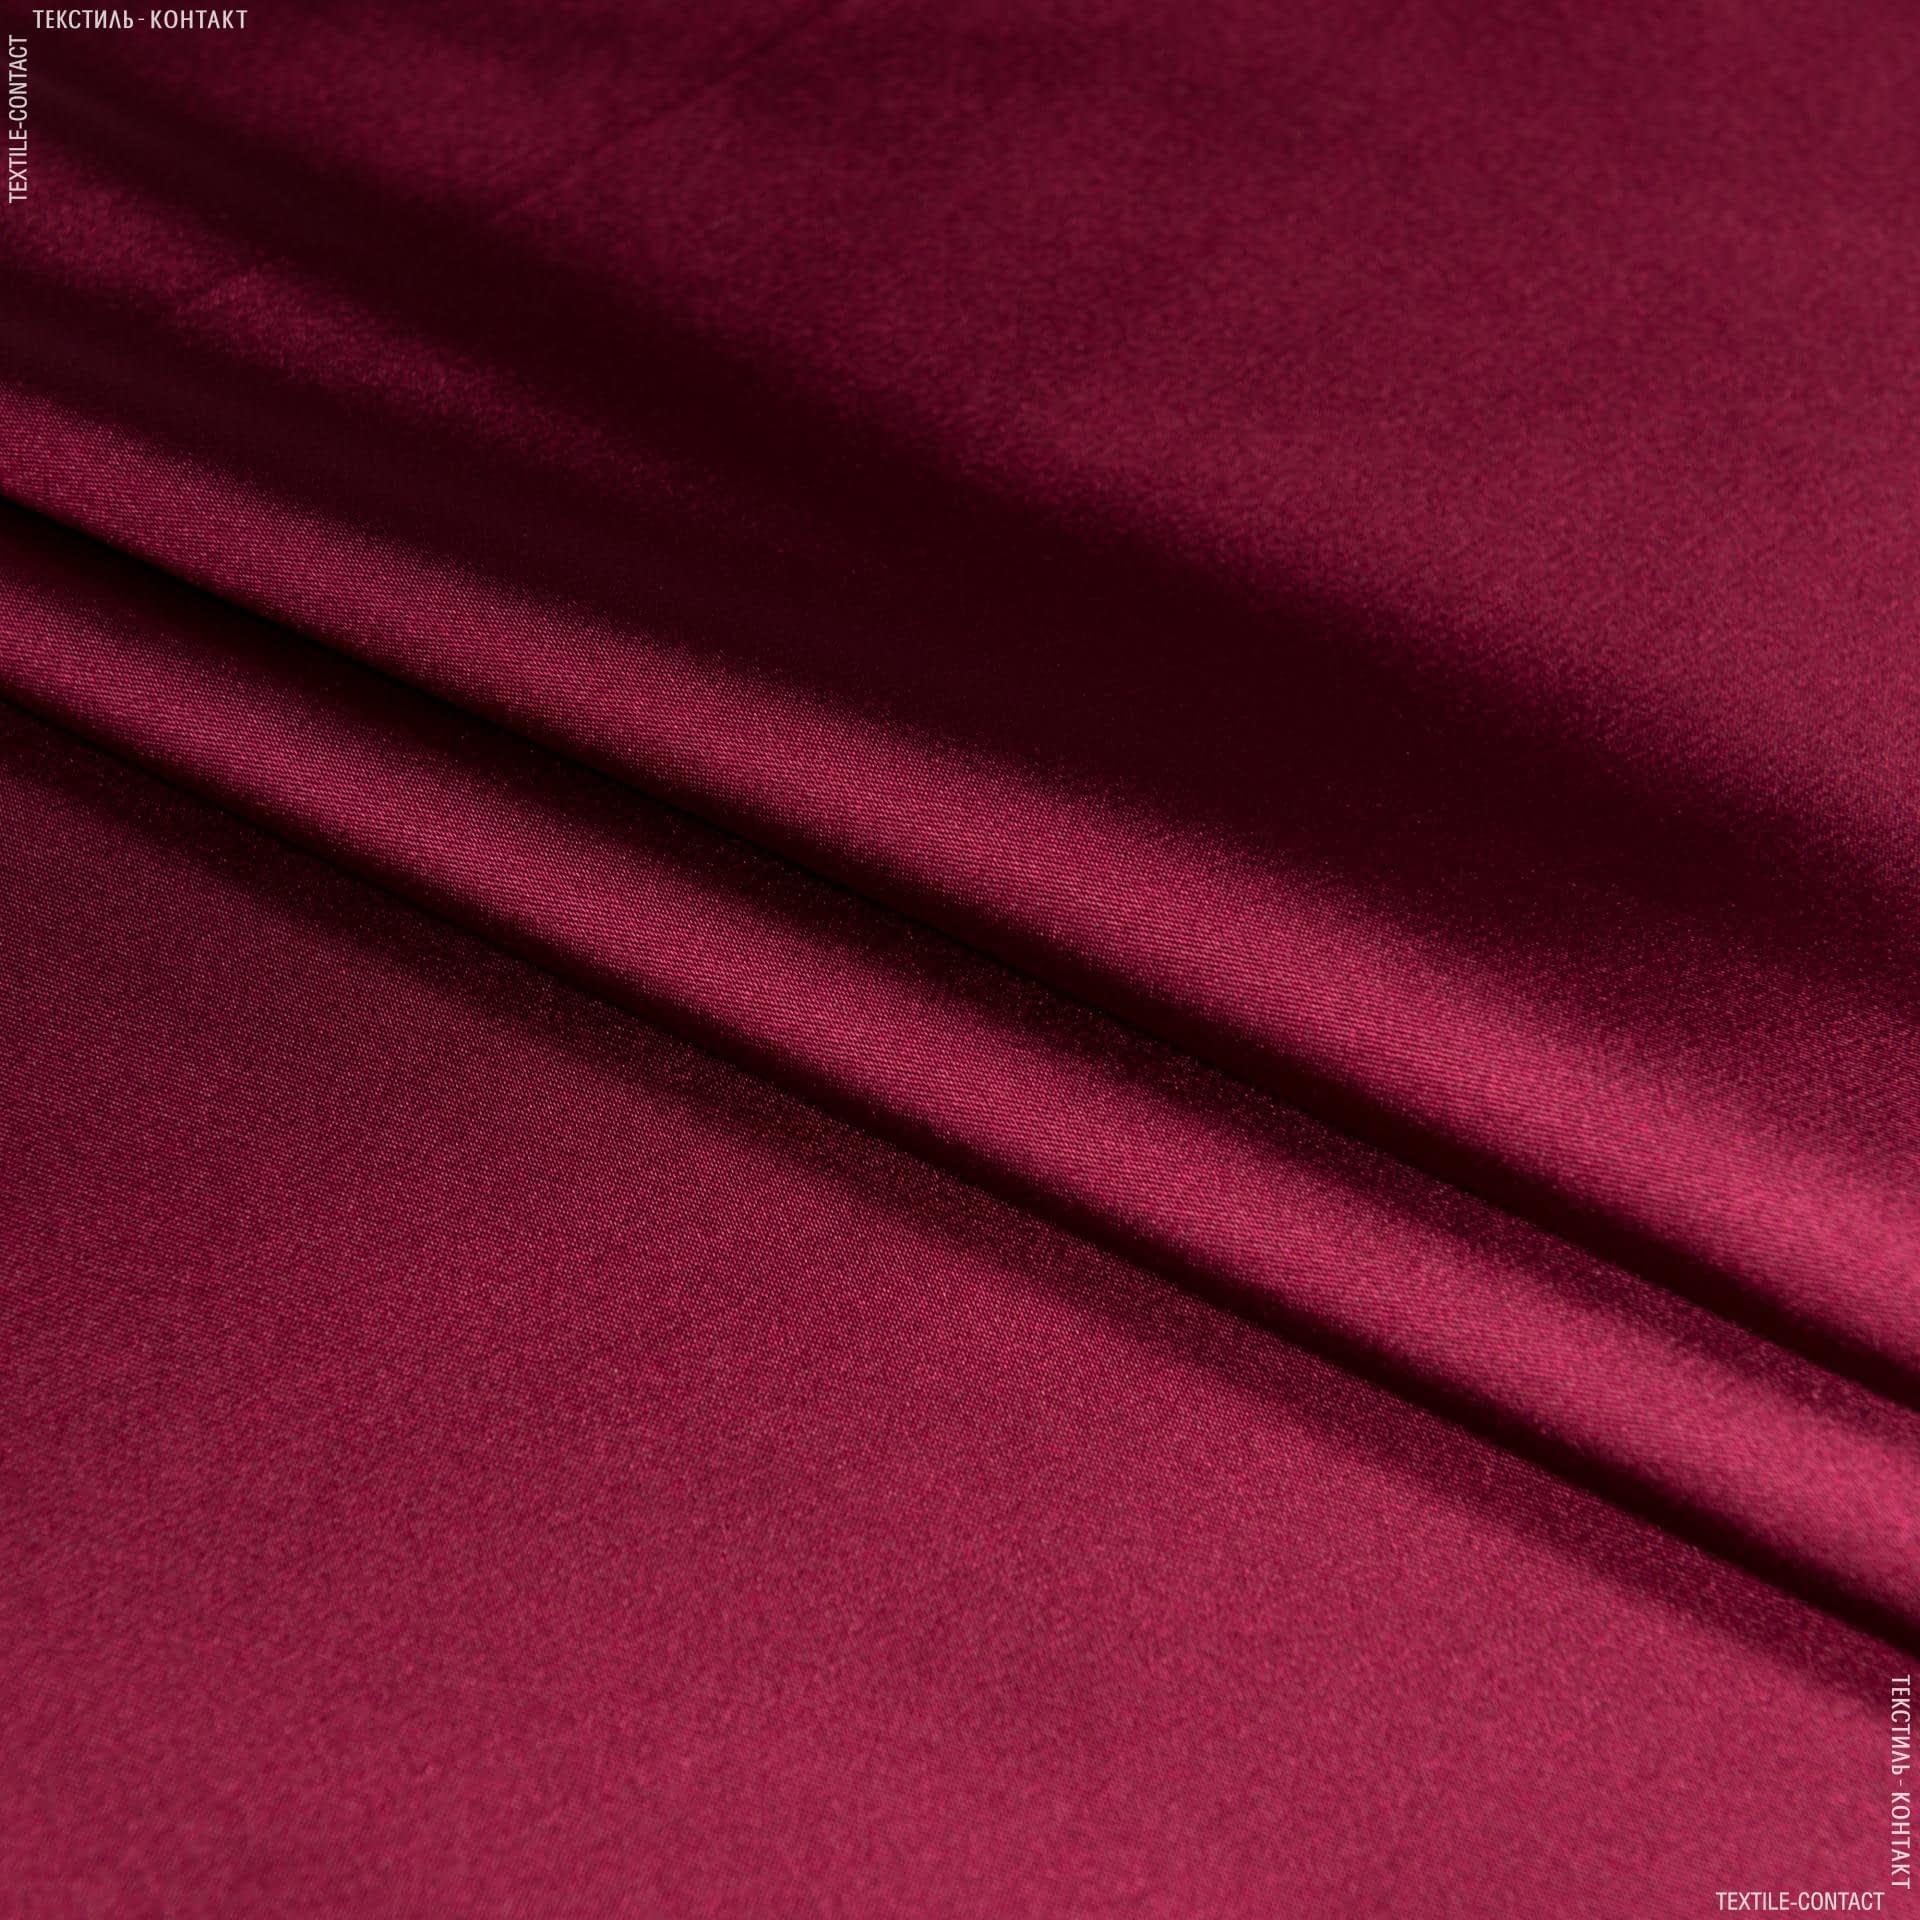 Тканини для суконь - Атлас лайт софт світло-бордовий